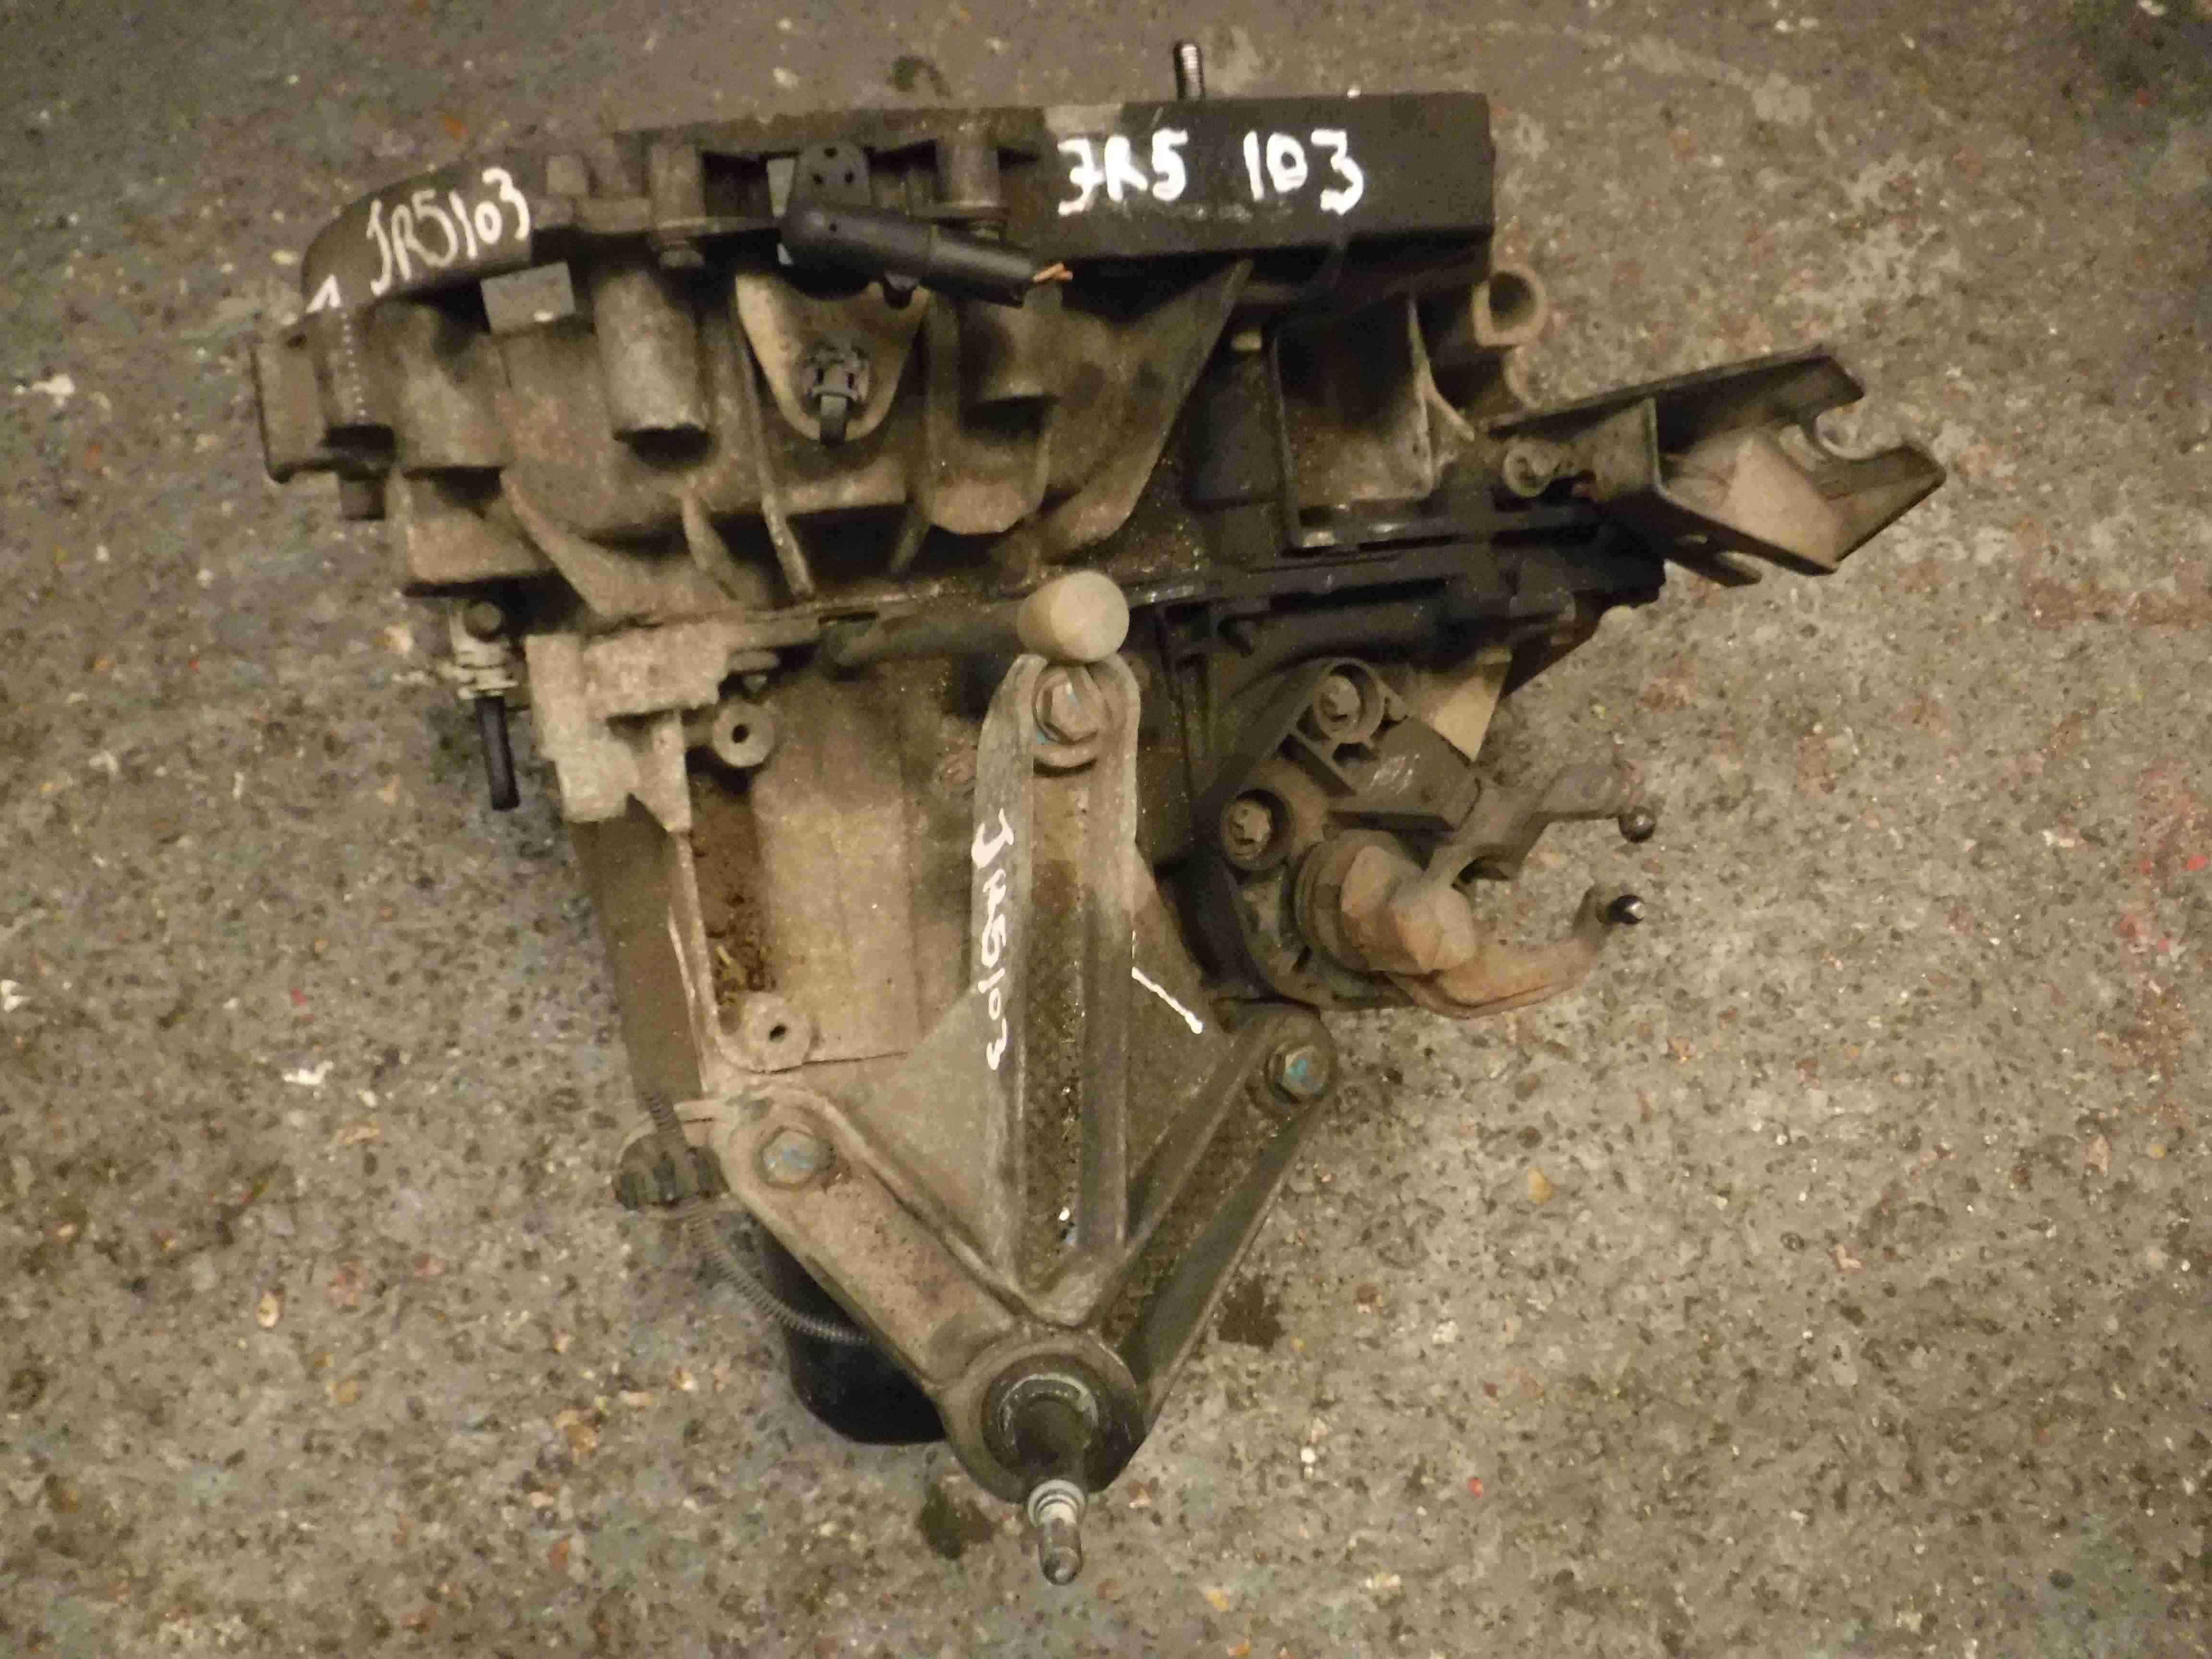 Renault Scenic 2003-2009 1.5 dCi Gearbox JR5 103 JR5103